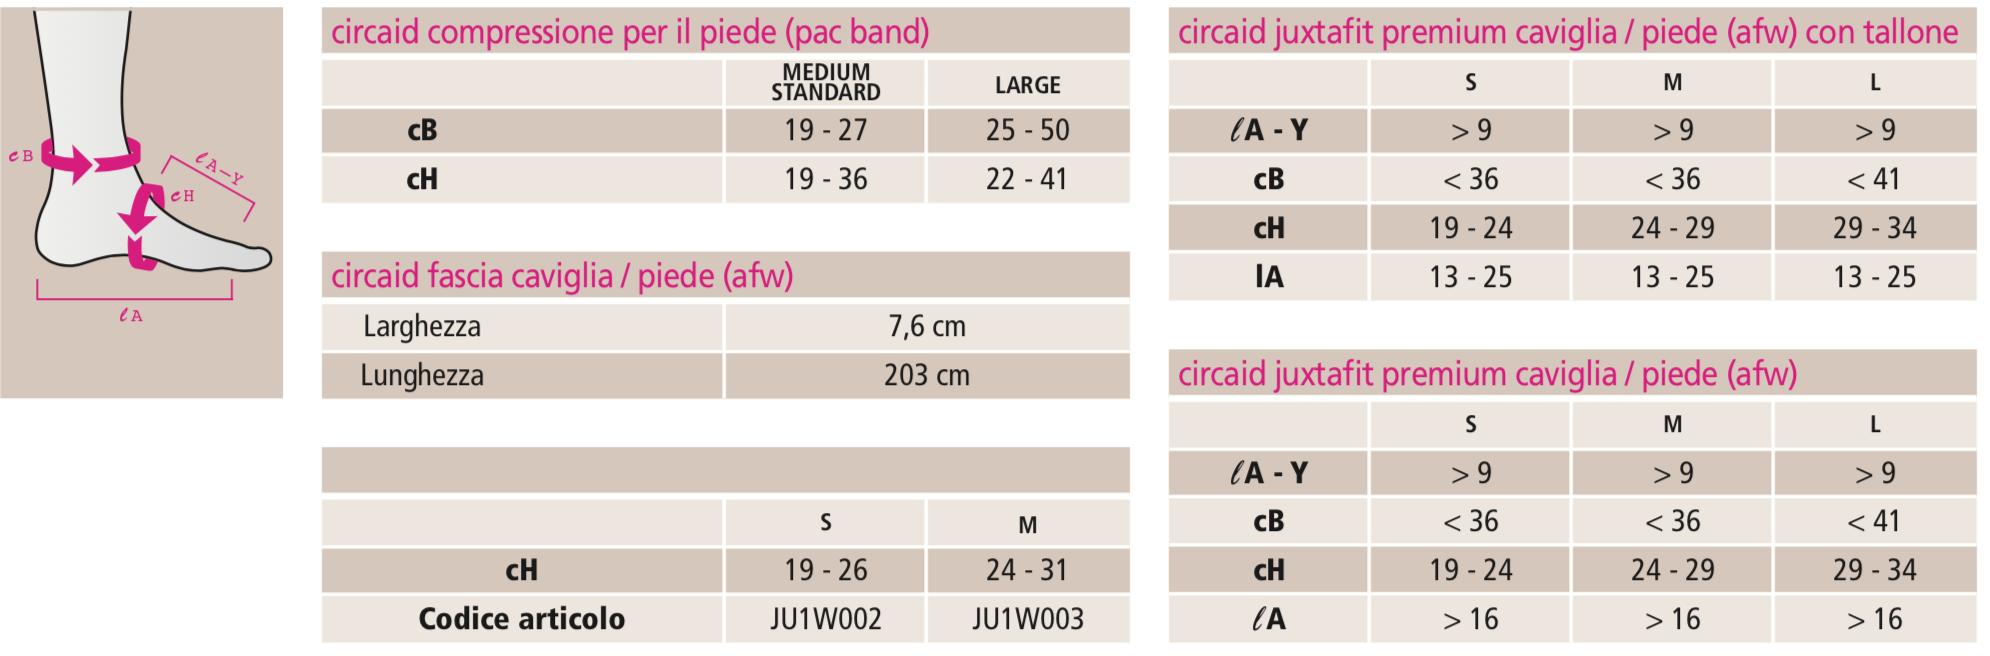 circaid®  juxtafit®  caviglia / piede - Tutore compressivo terapeutico